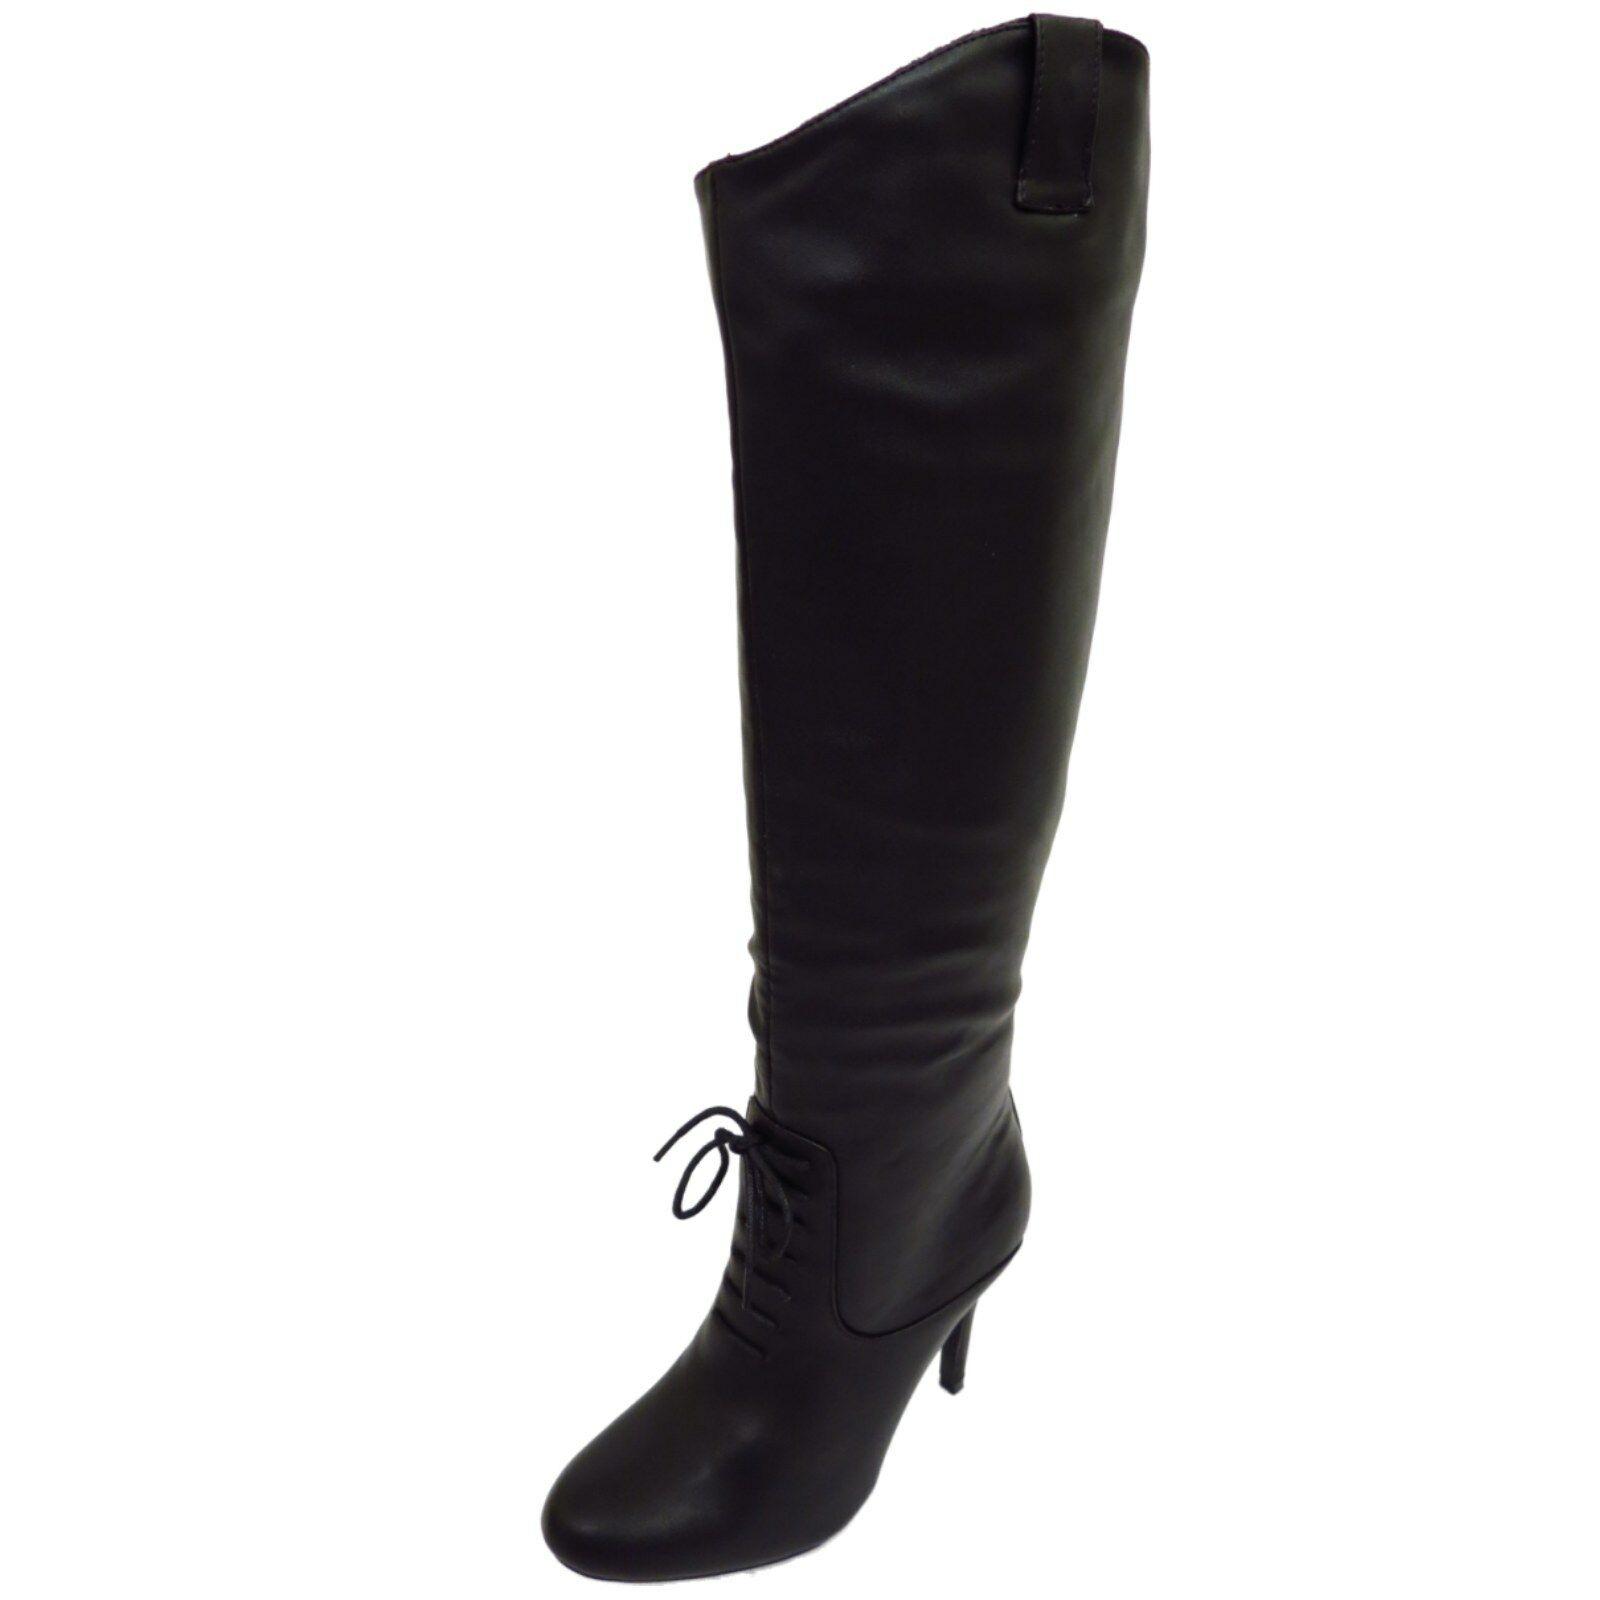 Señoras Negras Hasta La Rodilla Tacón Alto Alto Cremallera Botas Victoriano Largo Pantorrilla Zapatos Talla 4-7